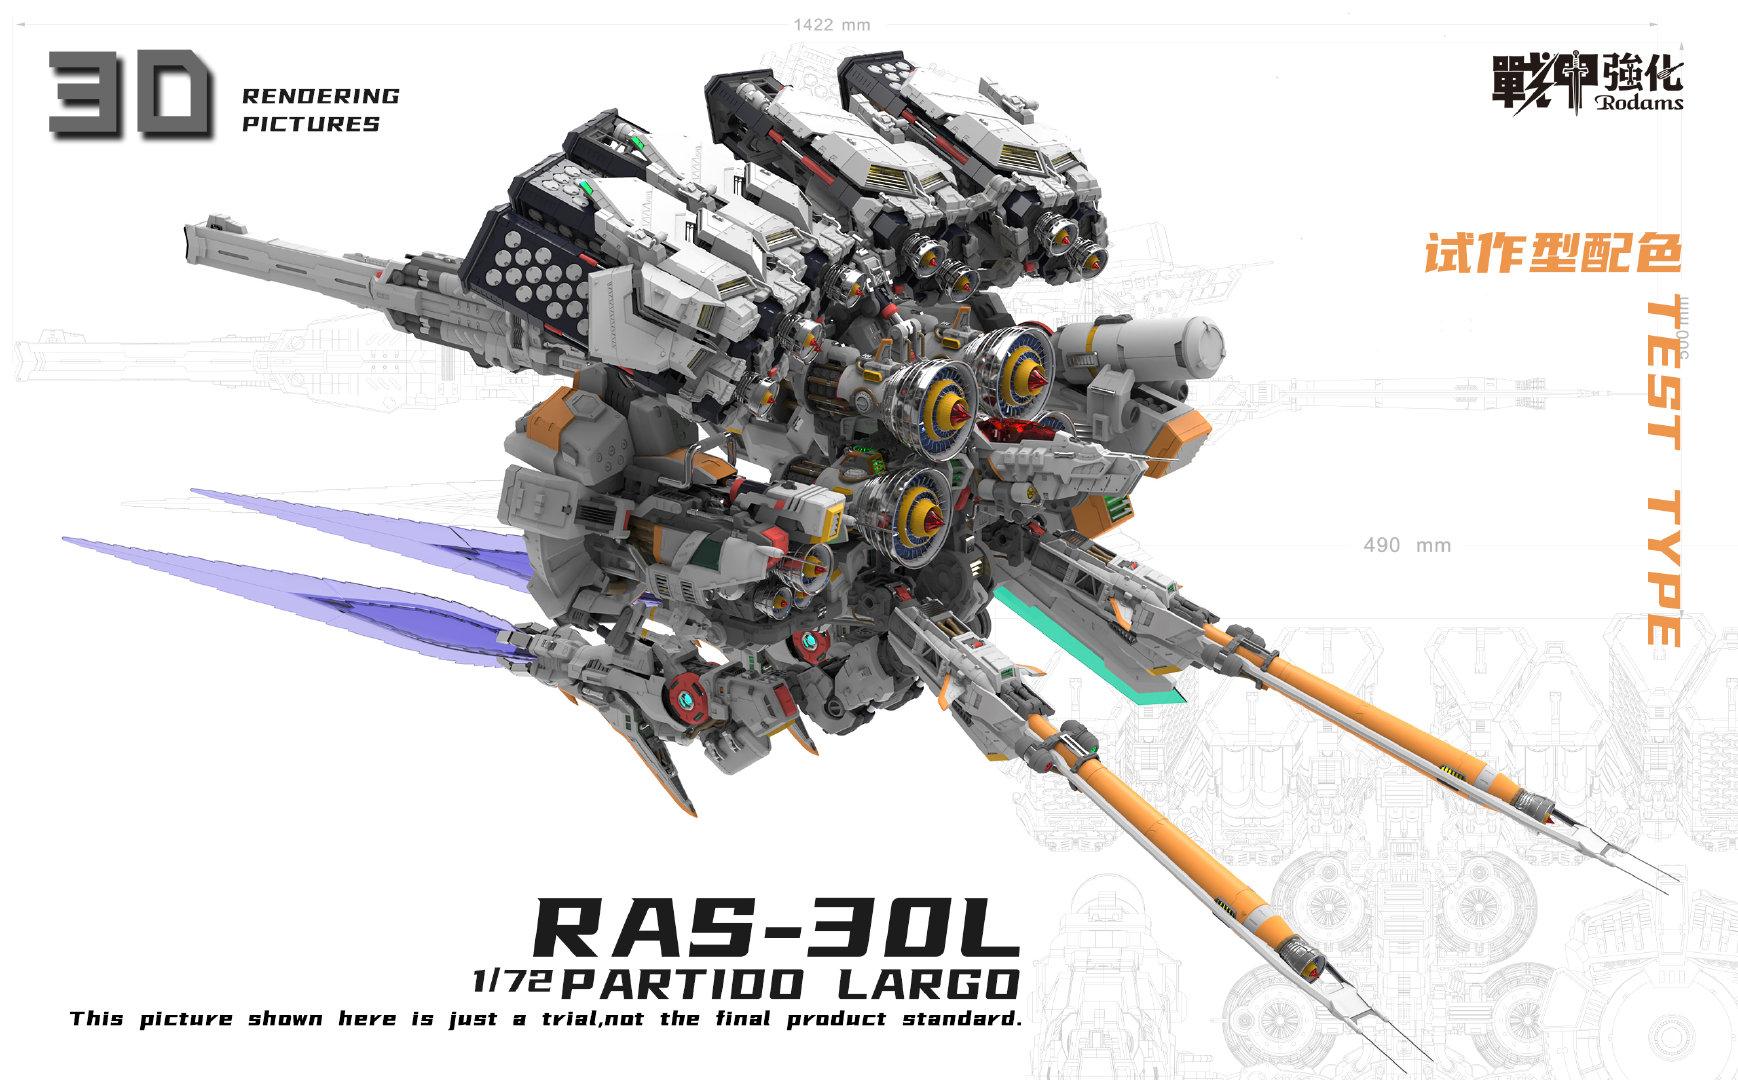 S542_Rodams_PARTIDO_LARGO_info_1226_023.jpg